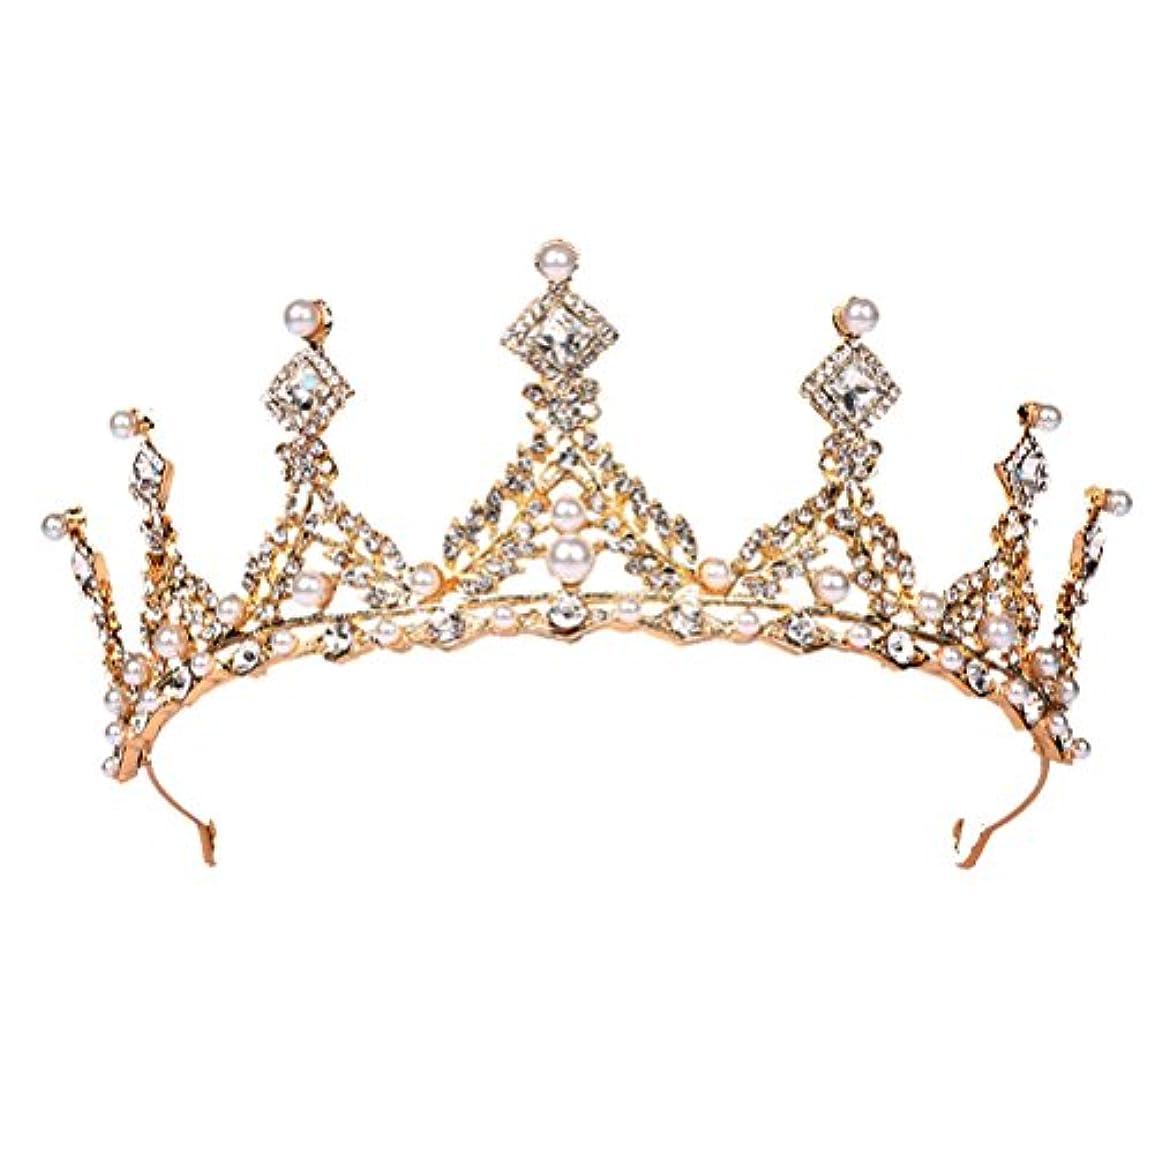 若いけがをするクレジットFENICAL ブライダル ティアラ ヘアバンド 花嫁 結婚式 ウェディング 王冠 クラウン クリスタル 髪飾り ヘアアクセサリー(ゴールデン)